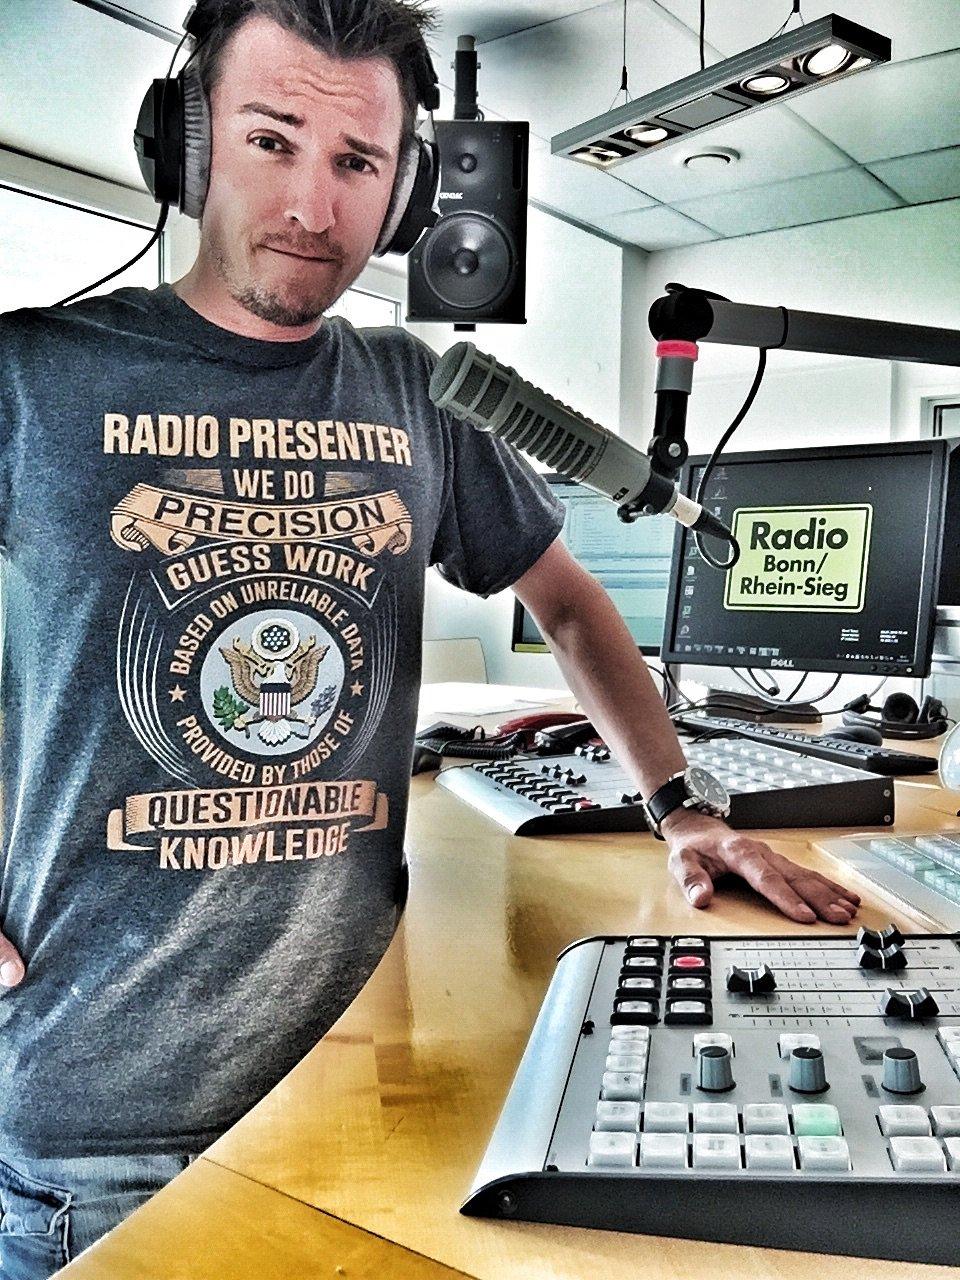 Frank Wallitzek, seit 25 Jahren ON AIR, seit 2008 Morgenmoderator beim zweitgrößten NRW-Lokalradio Radio Bonn/Rhein-Sieg.